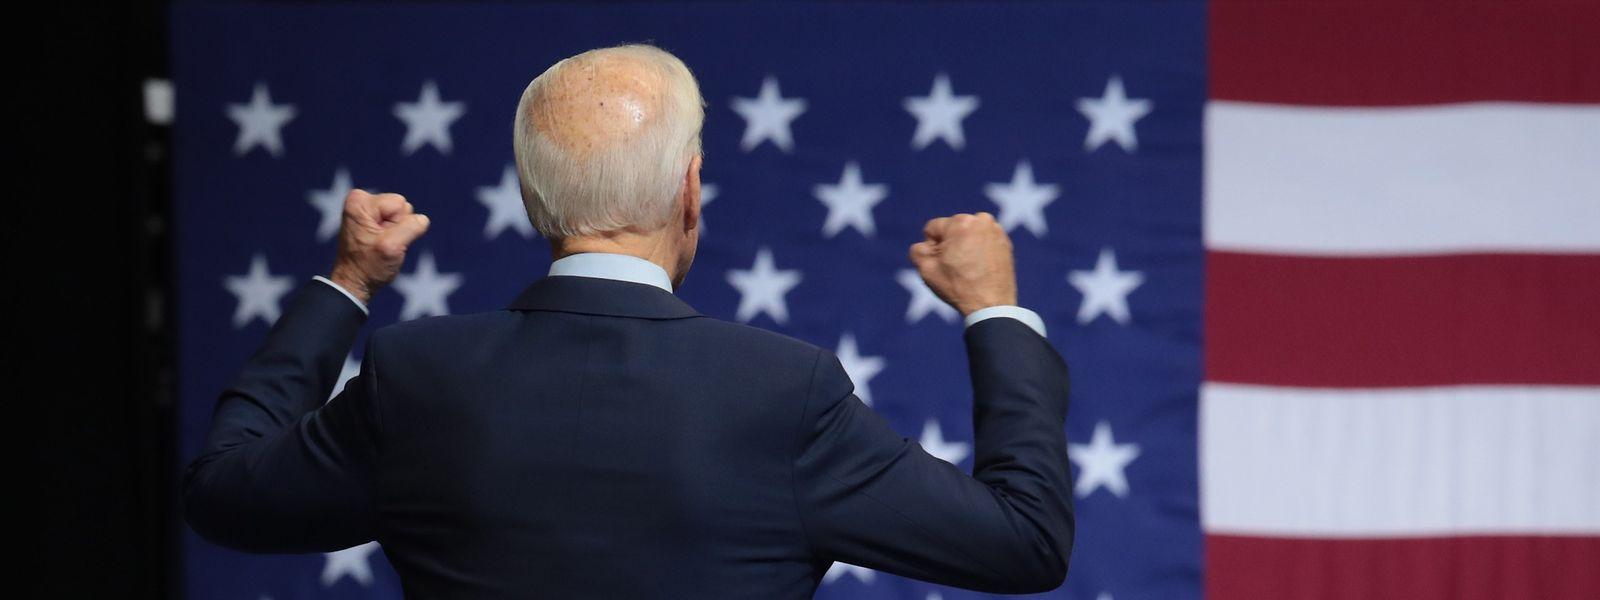 Der demokratische Präsidentschaftskandidat Joe Biden am 1. November 2019 in Des Moines, Iowa.